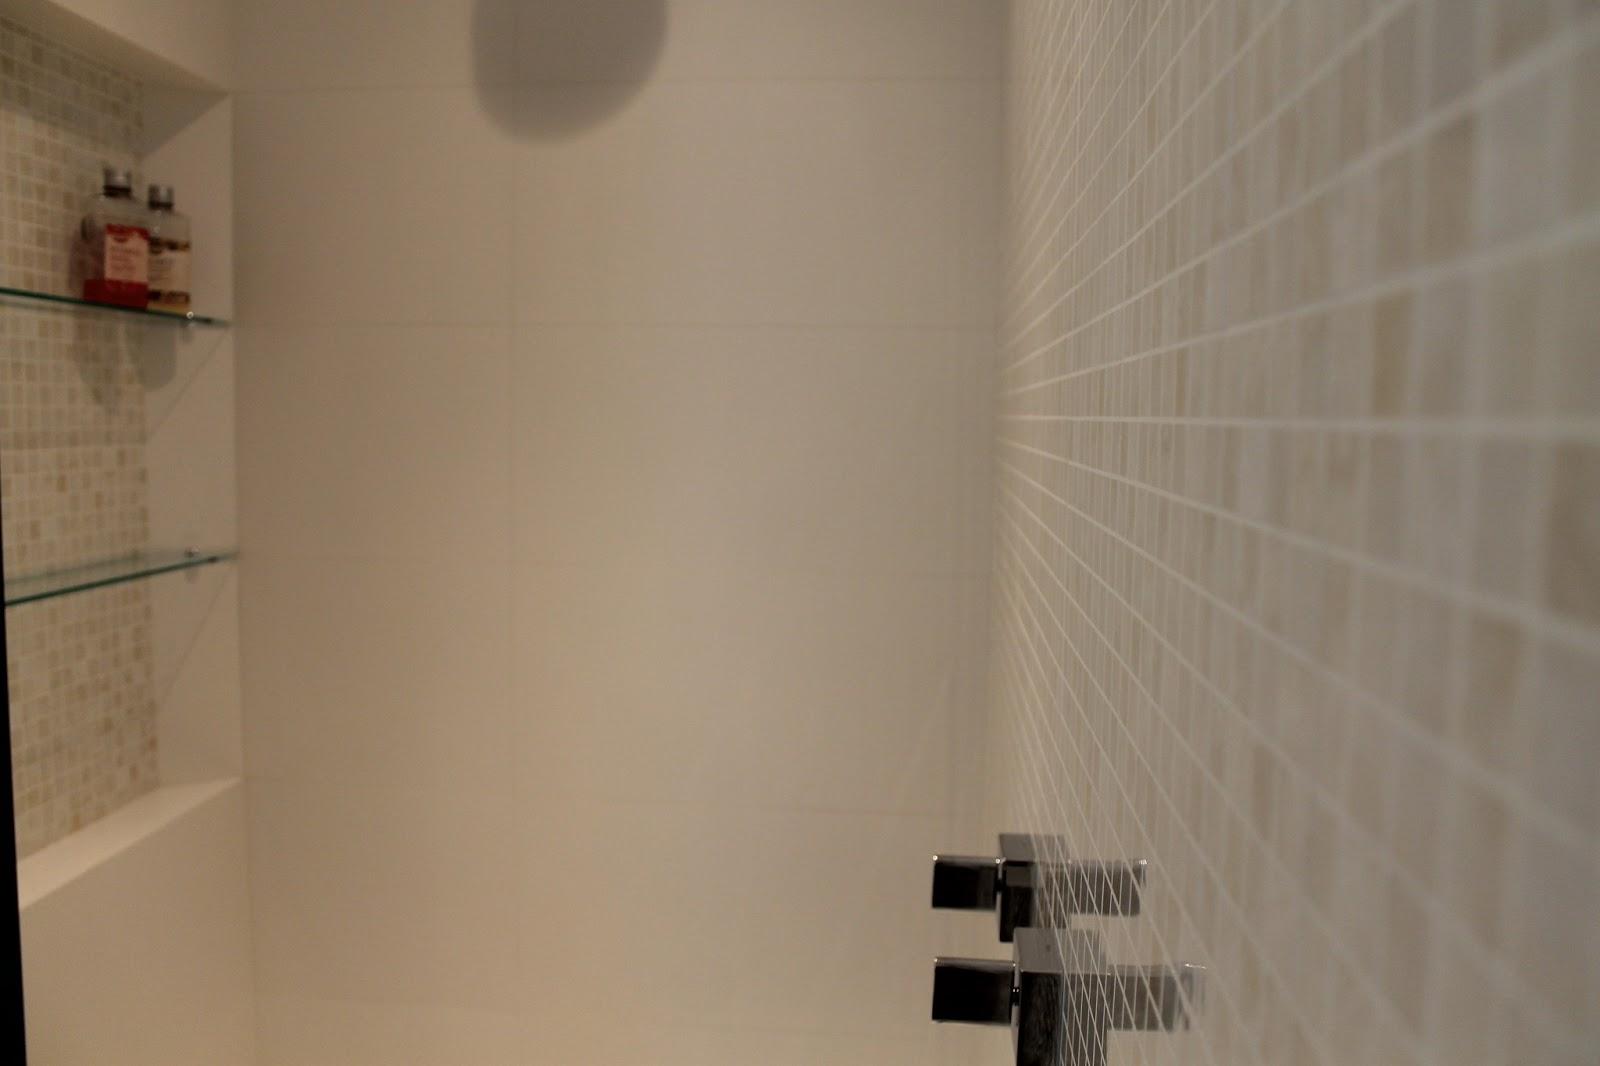 soma arquitetura: Ambiente para o relaxamento #8A6641 1600x1066 Banheiro Com Pastilha Madreperola